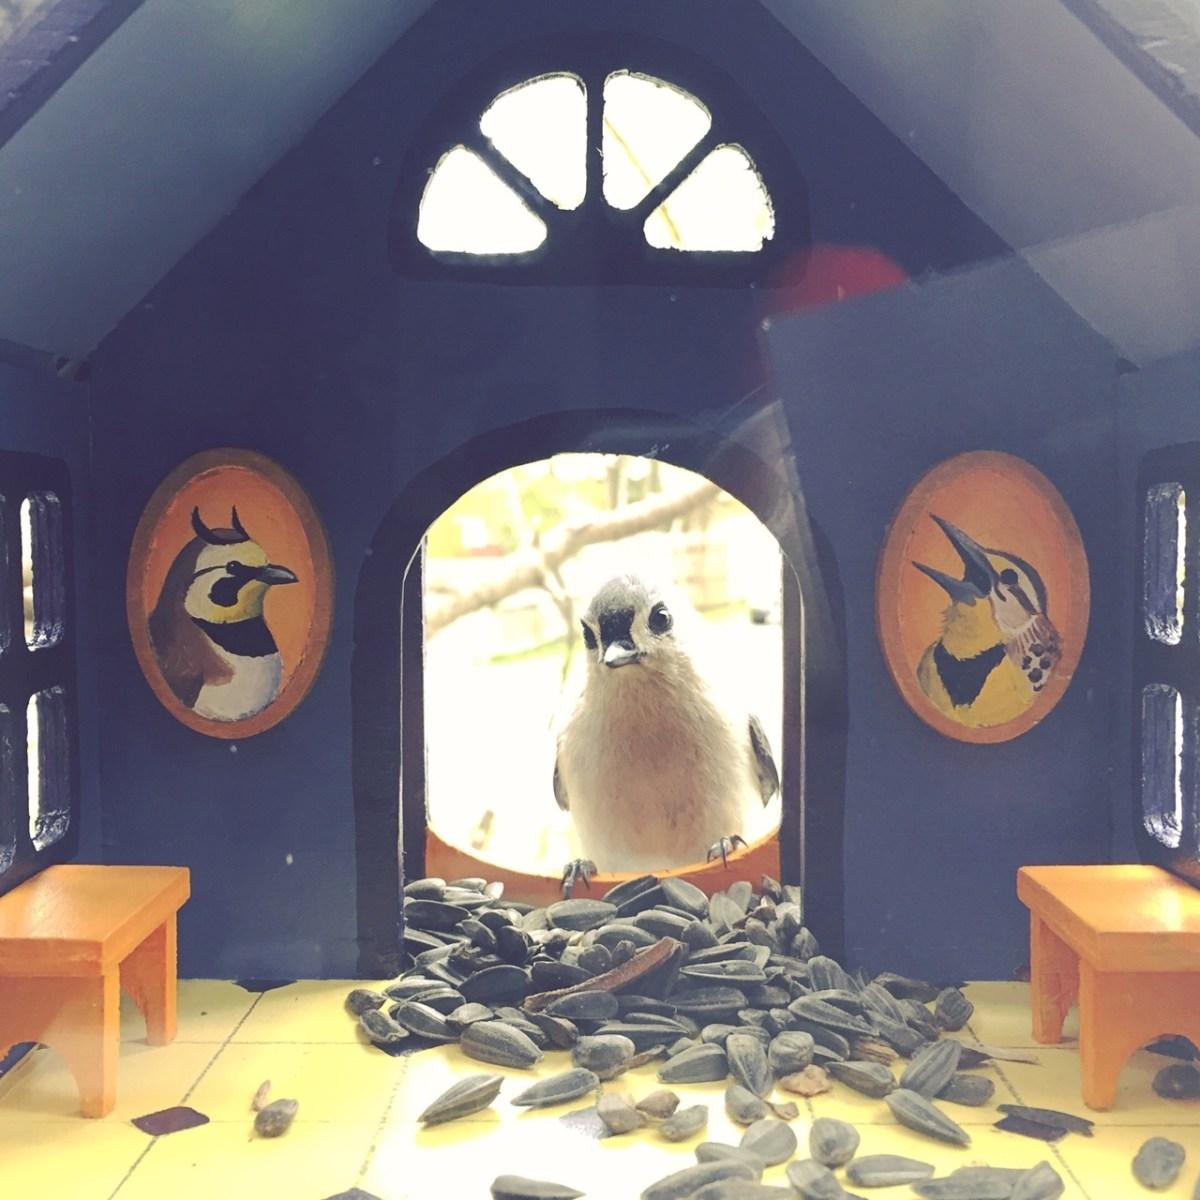 Birdhouse Window Feeders That Look Like Little Houses